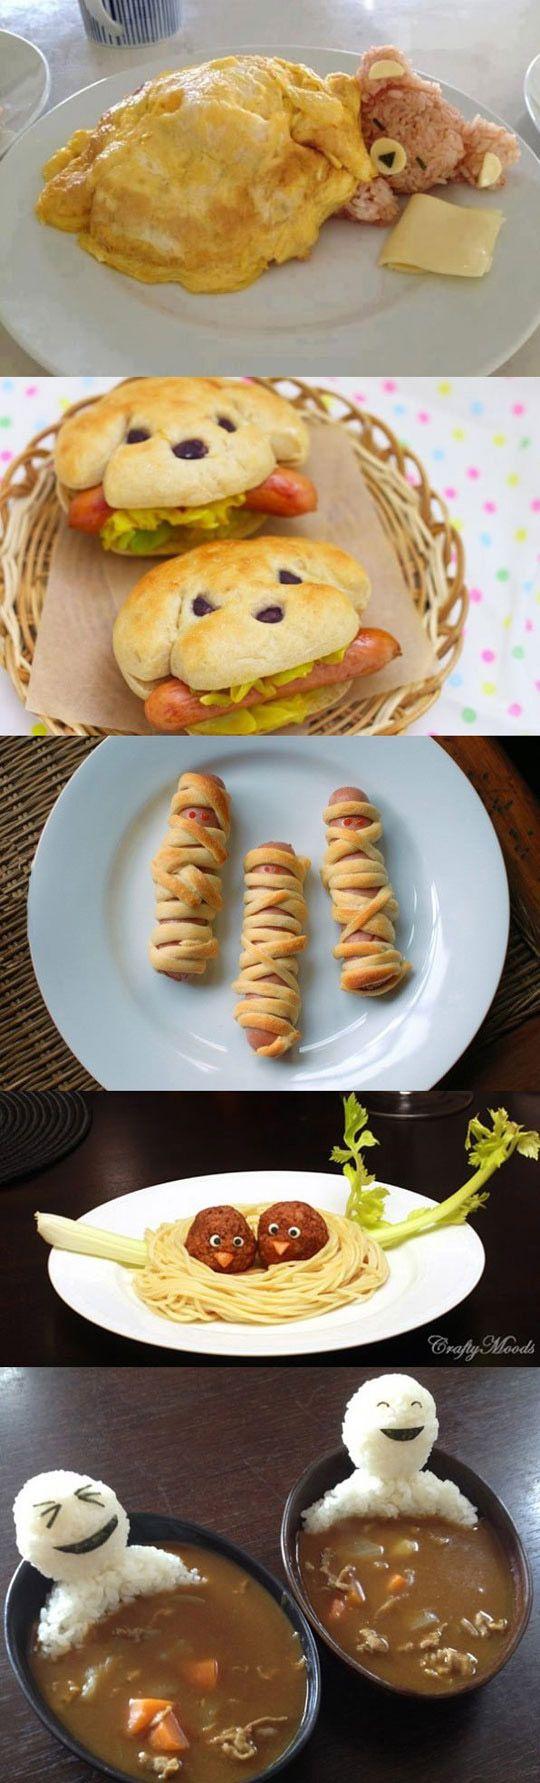 créative nourriture …